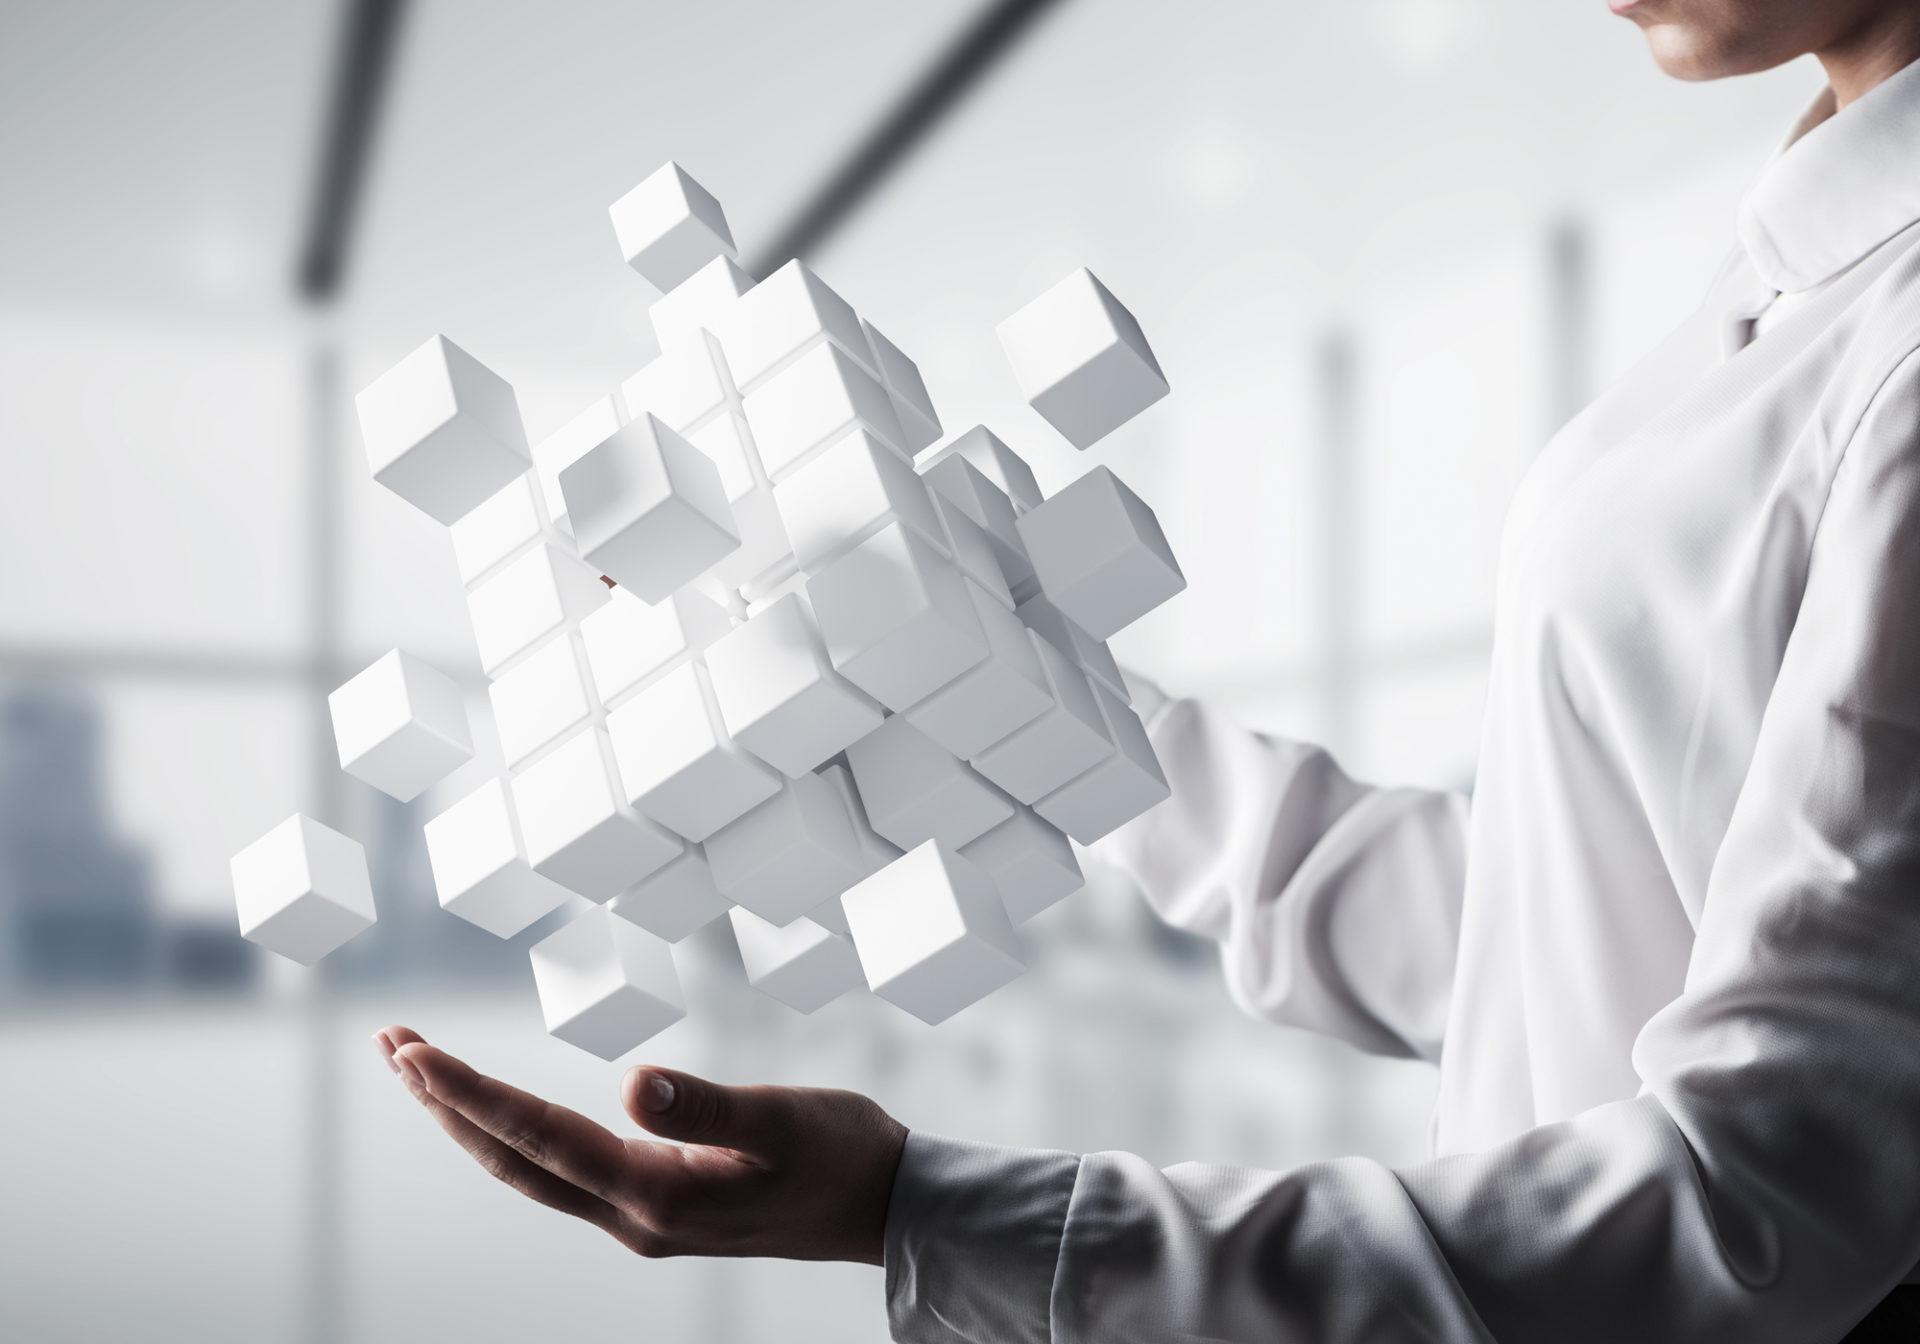 Darstellung für strategische Geschäftsentwicklung. Ein Mann kombiniert viele kleine Würfel zu einem Großen Ganzen.